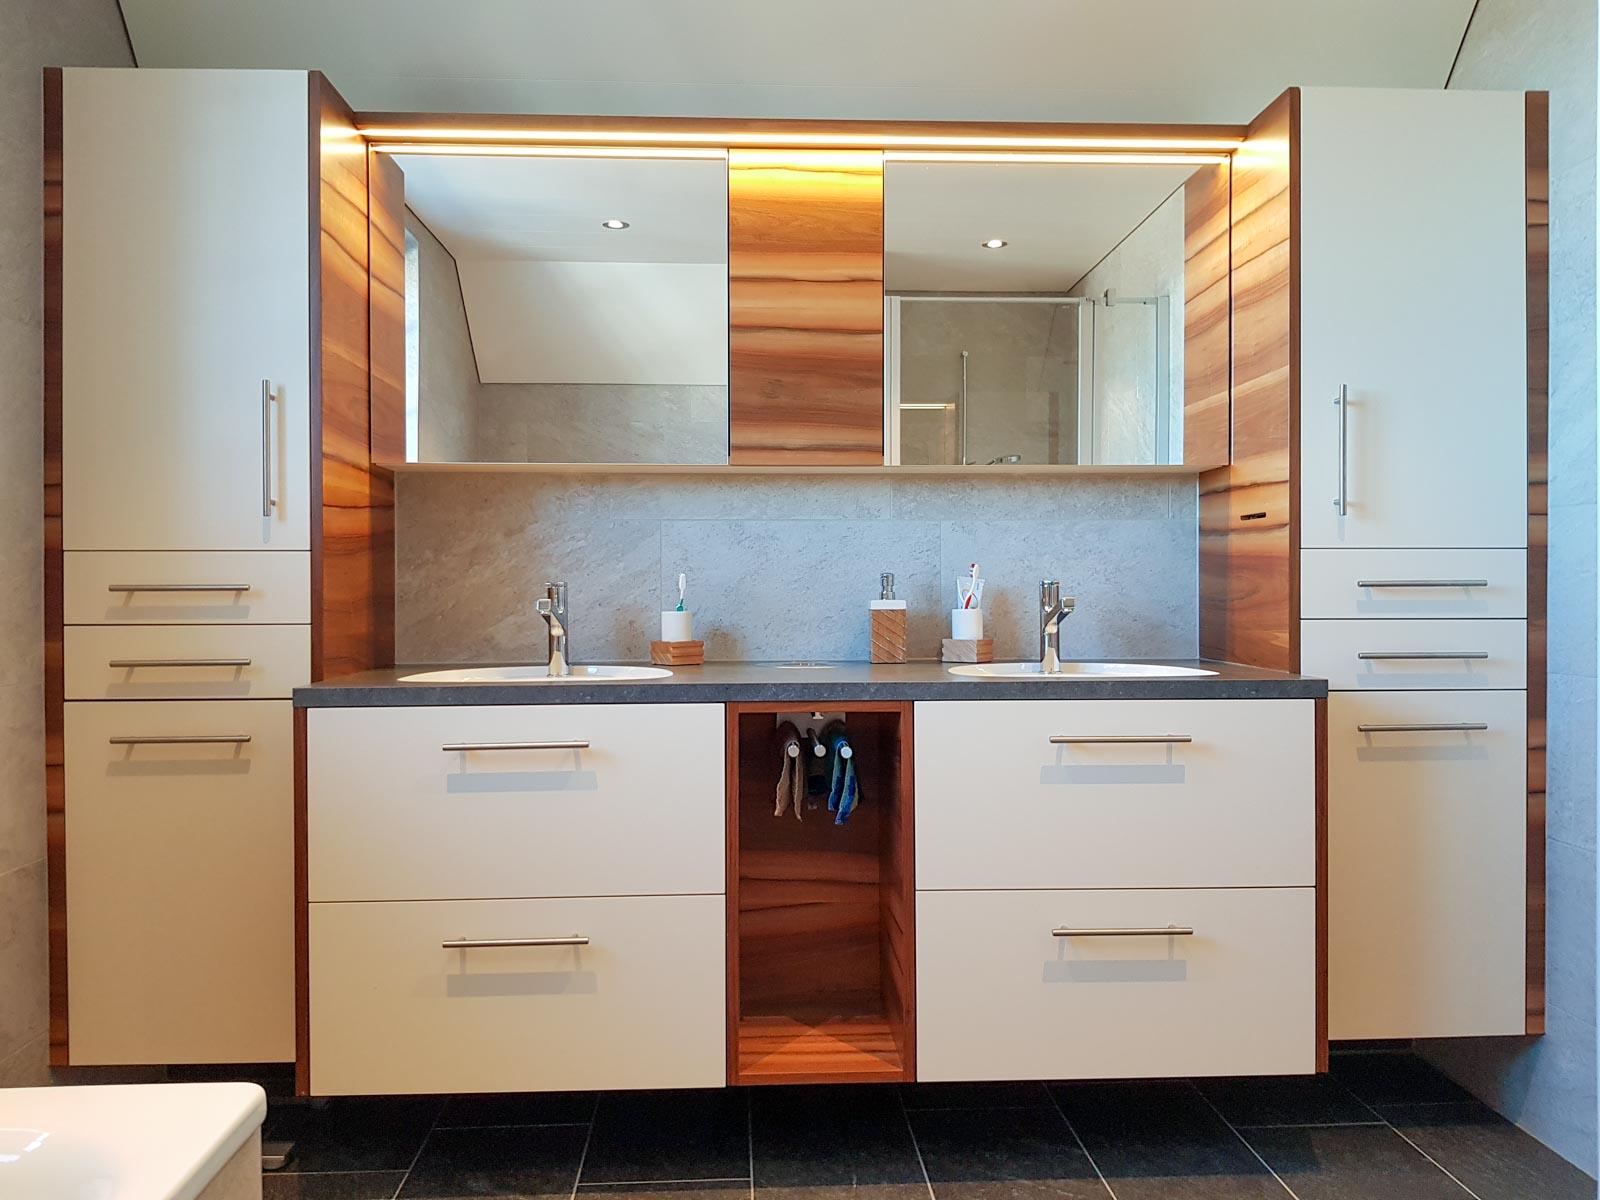 Wooddesign_Badmöbel_ BadeZimmer_ Umbau_modern-Altholz (4)